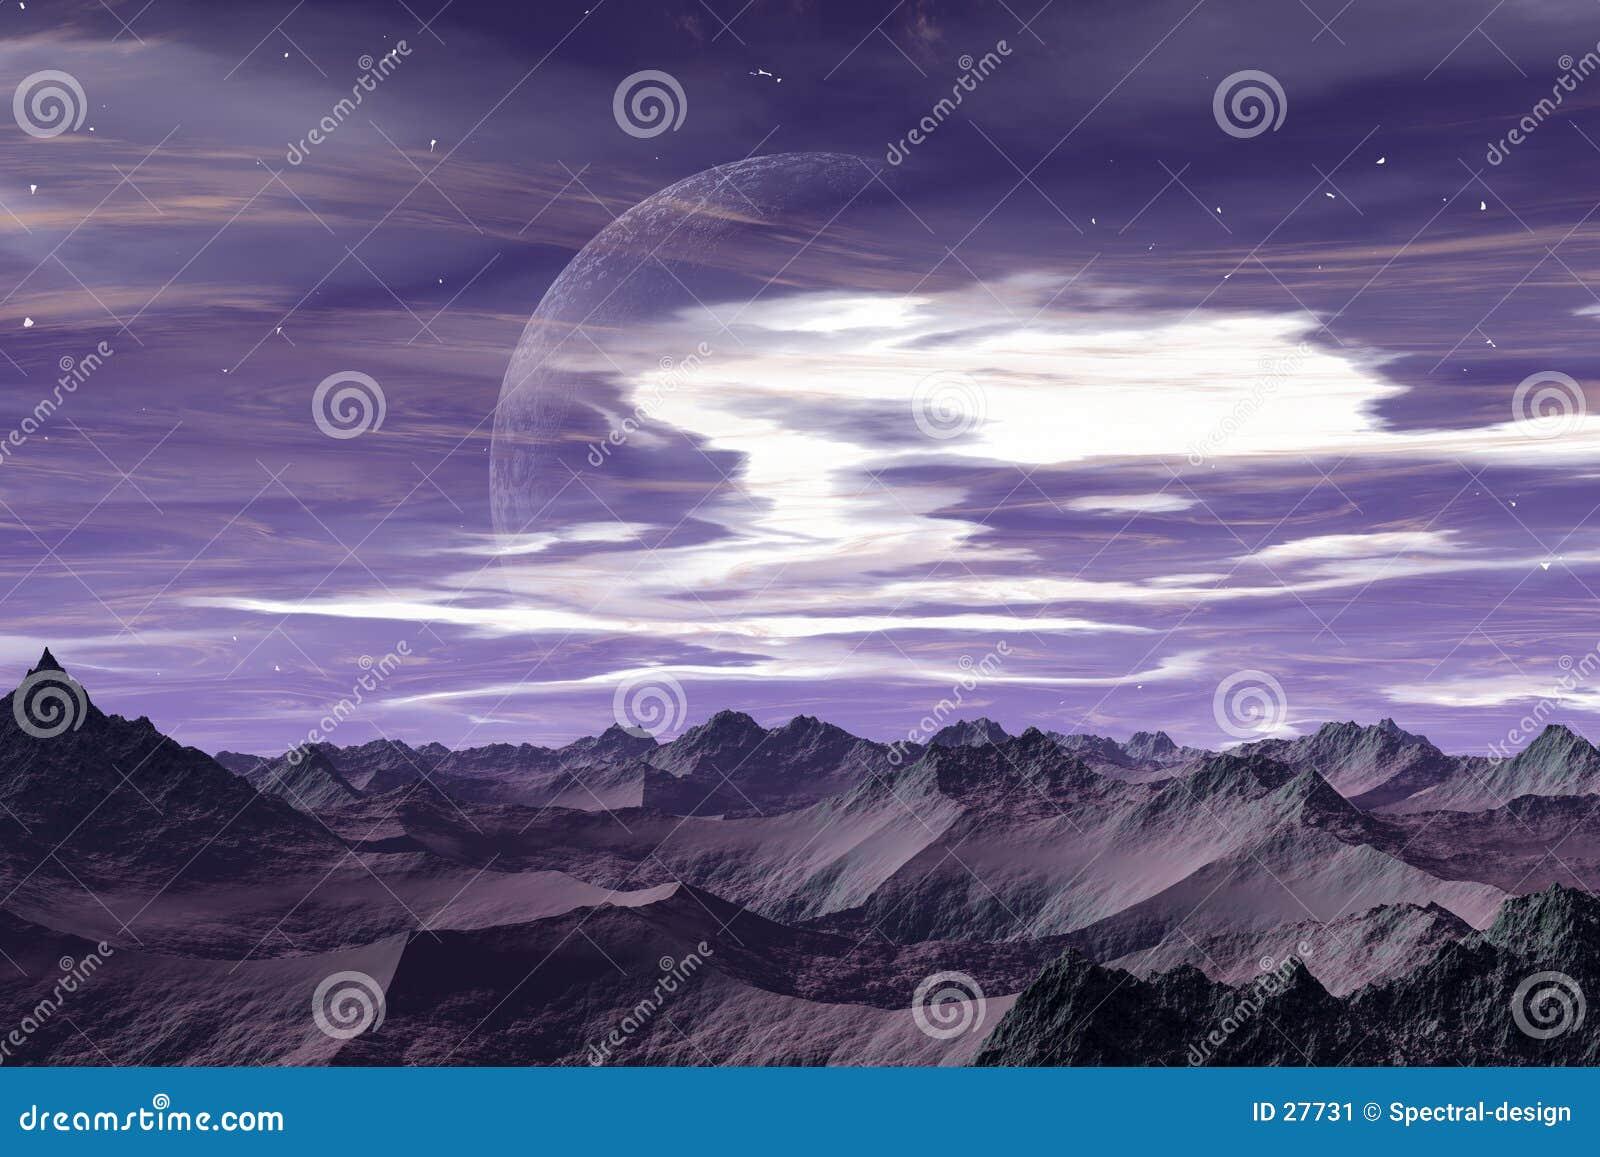 Download Ausländische Welt - Apeiros Stock Abbildung - Illustration von anblick, fiktiv: 27731